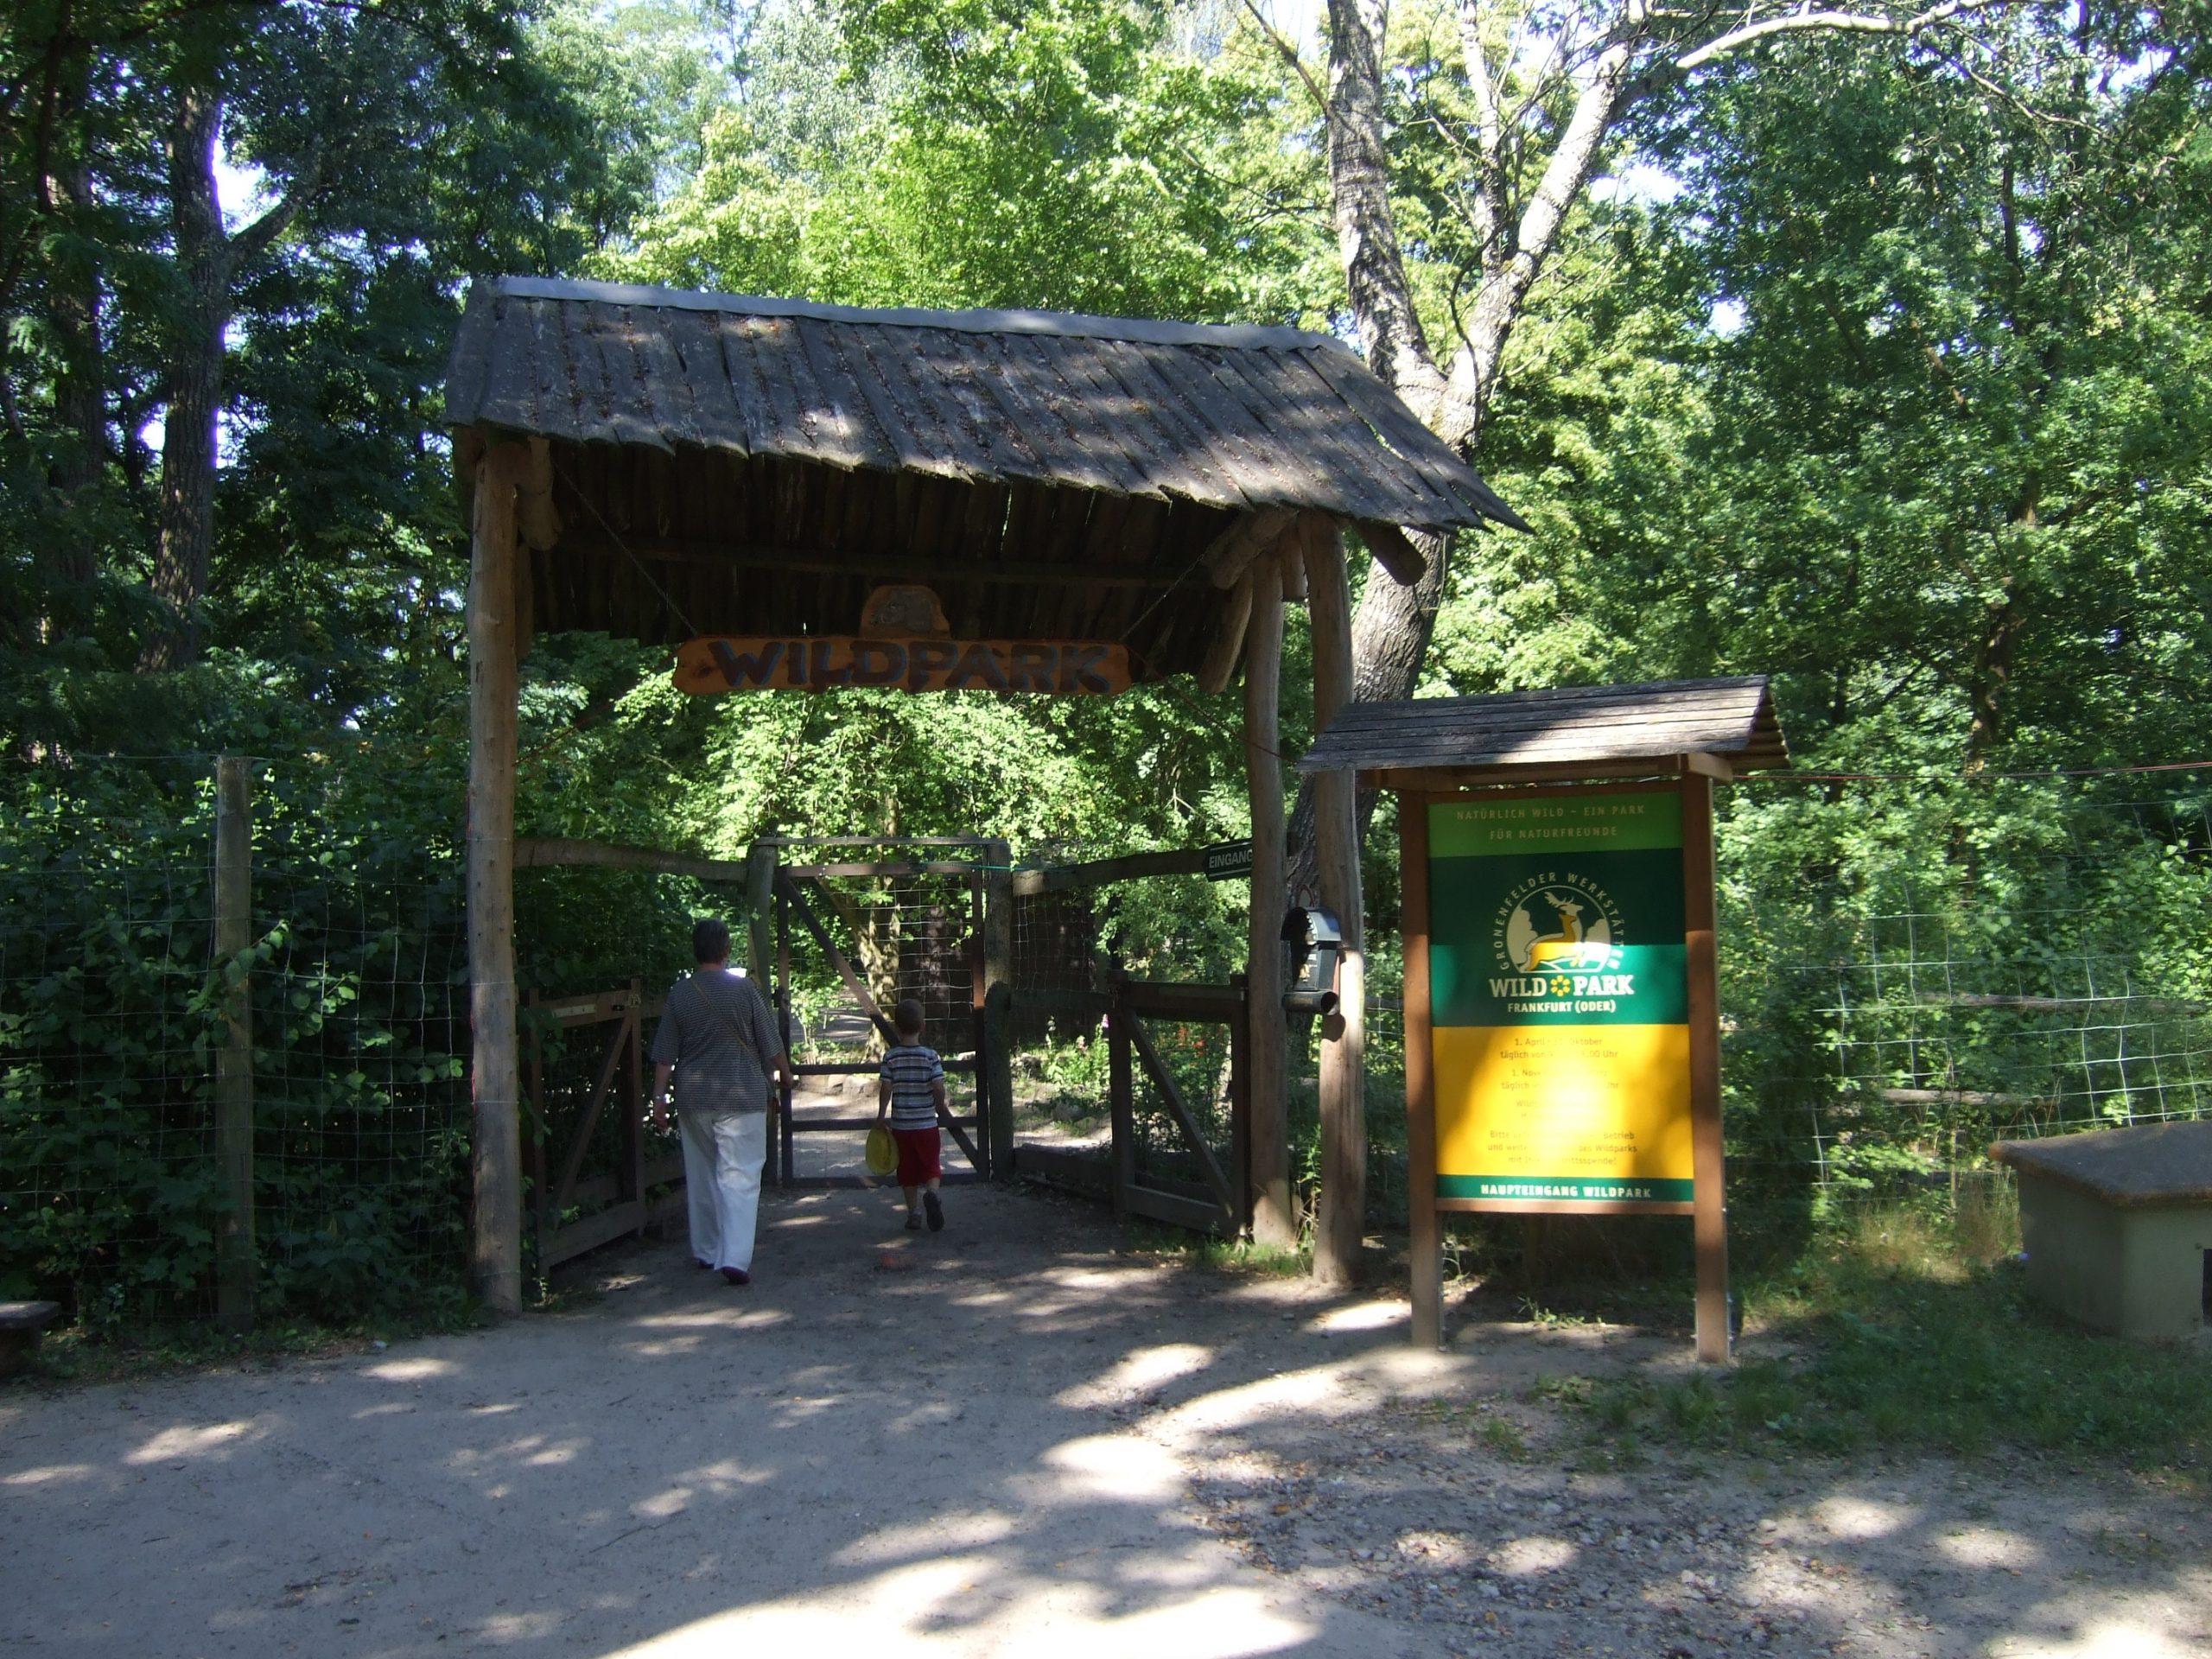 Wildpark Frankfurt (Oder) bestimmt für Wildpark Frankfurt Oder Öffnungszeiten